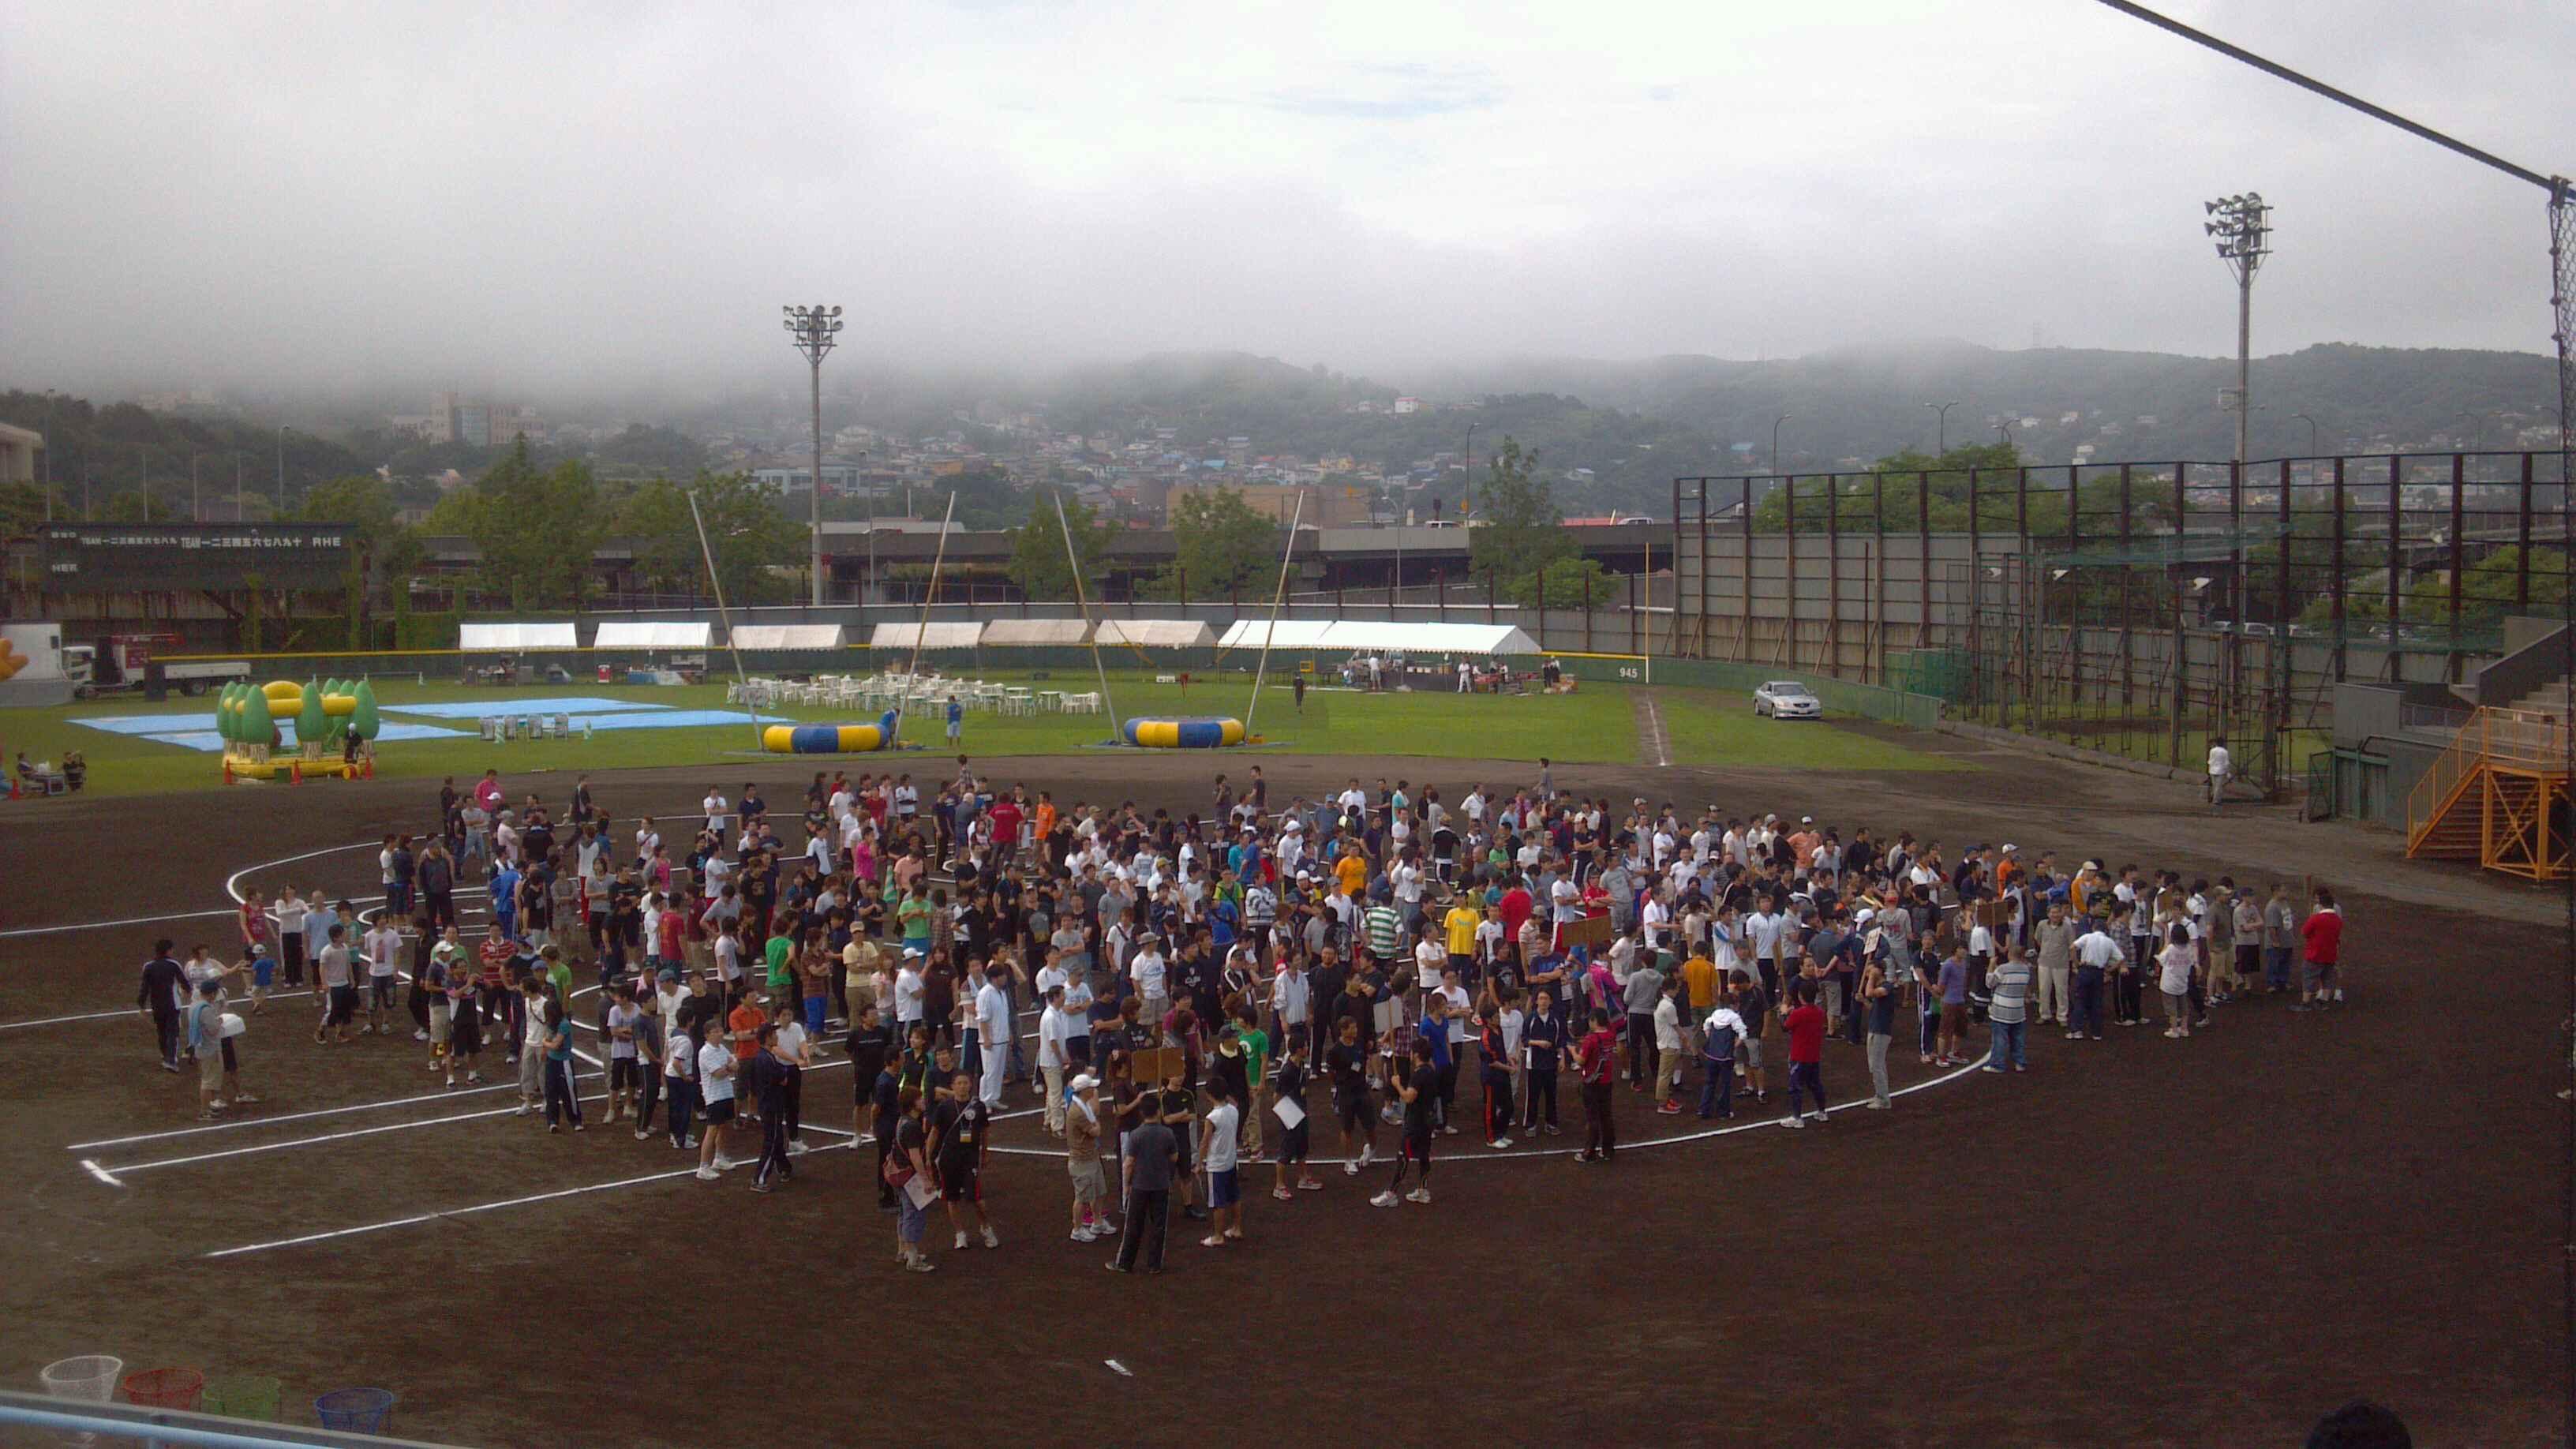 【イベント】2012年の室蘭ファミリーフェスティバル